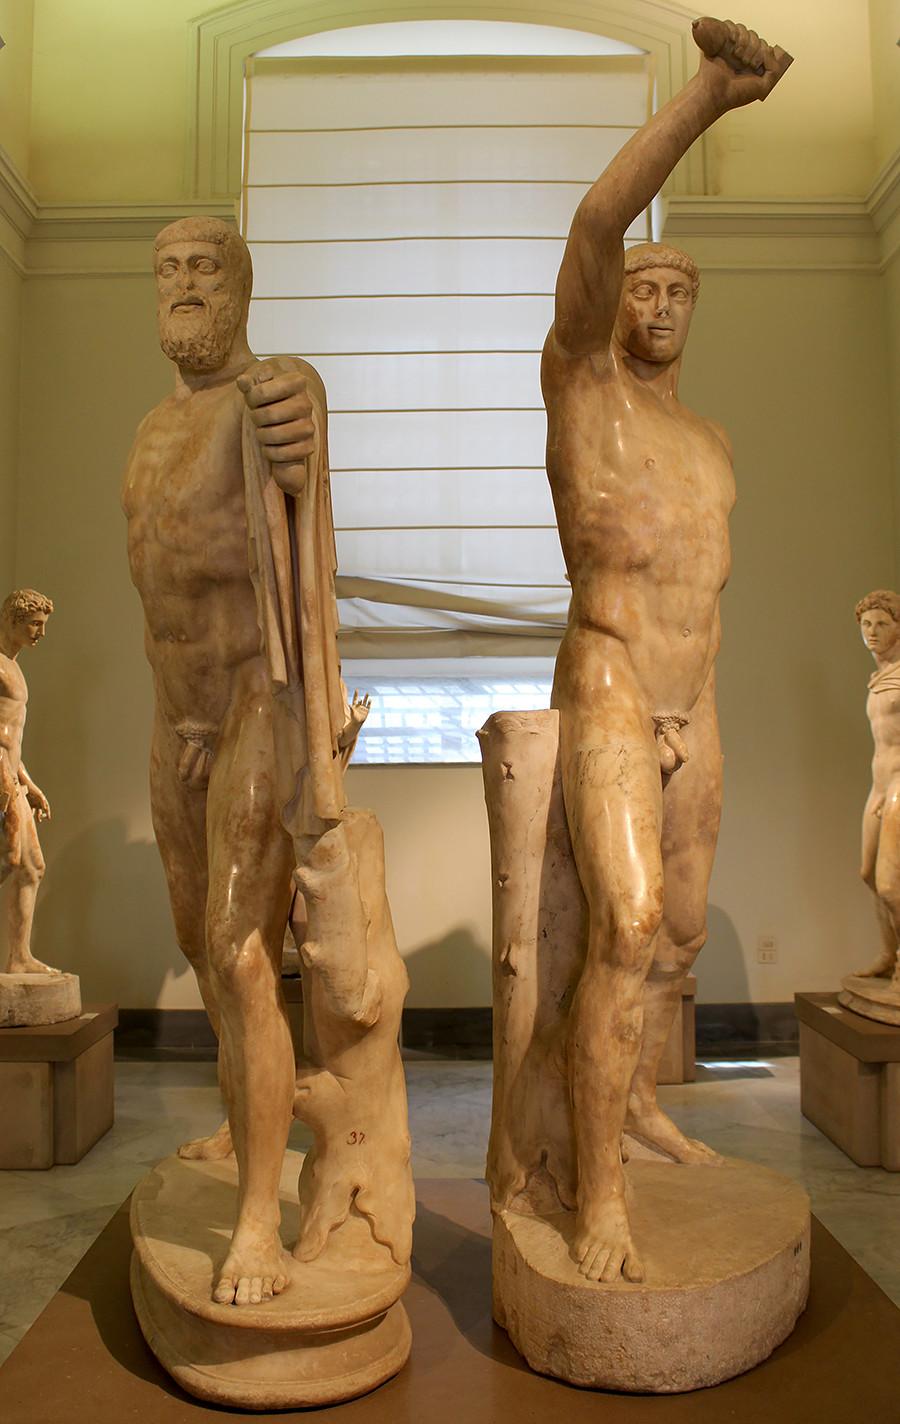 Escultores se inspiraram no casal pederasta de tiranicidas Harmódio e Aristogíton para criação de